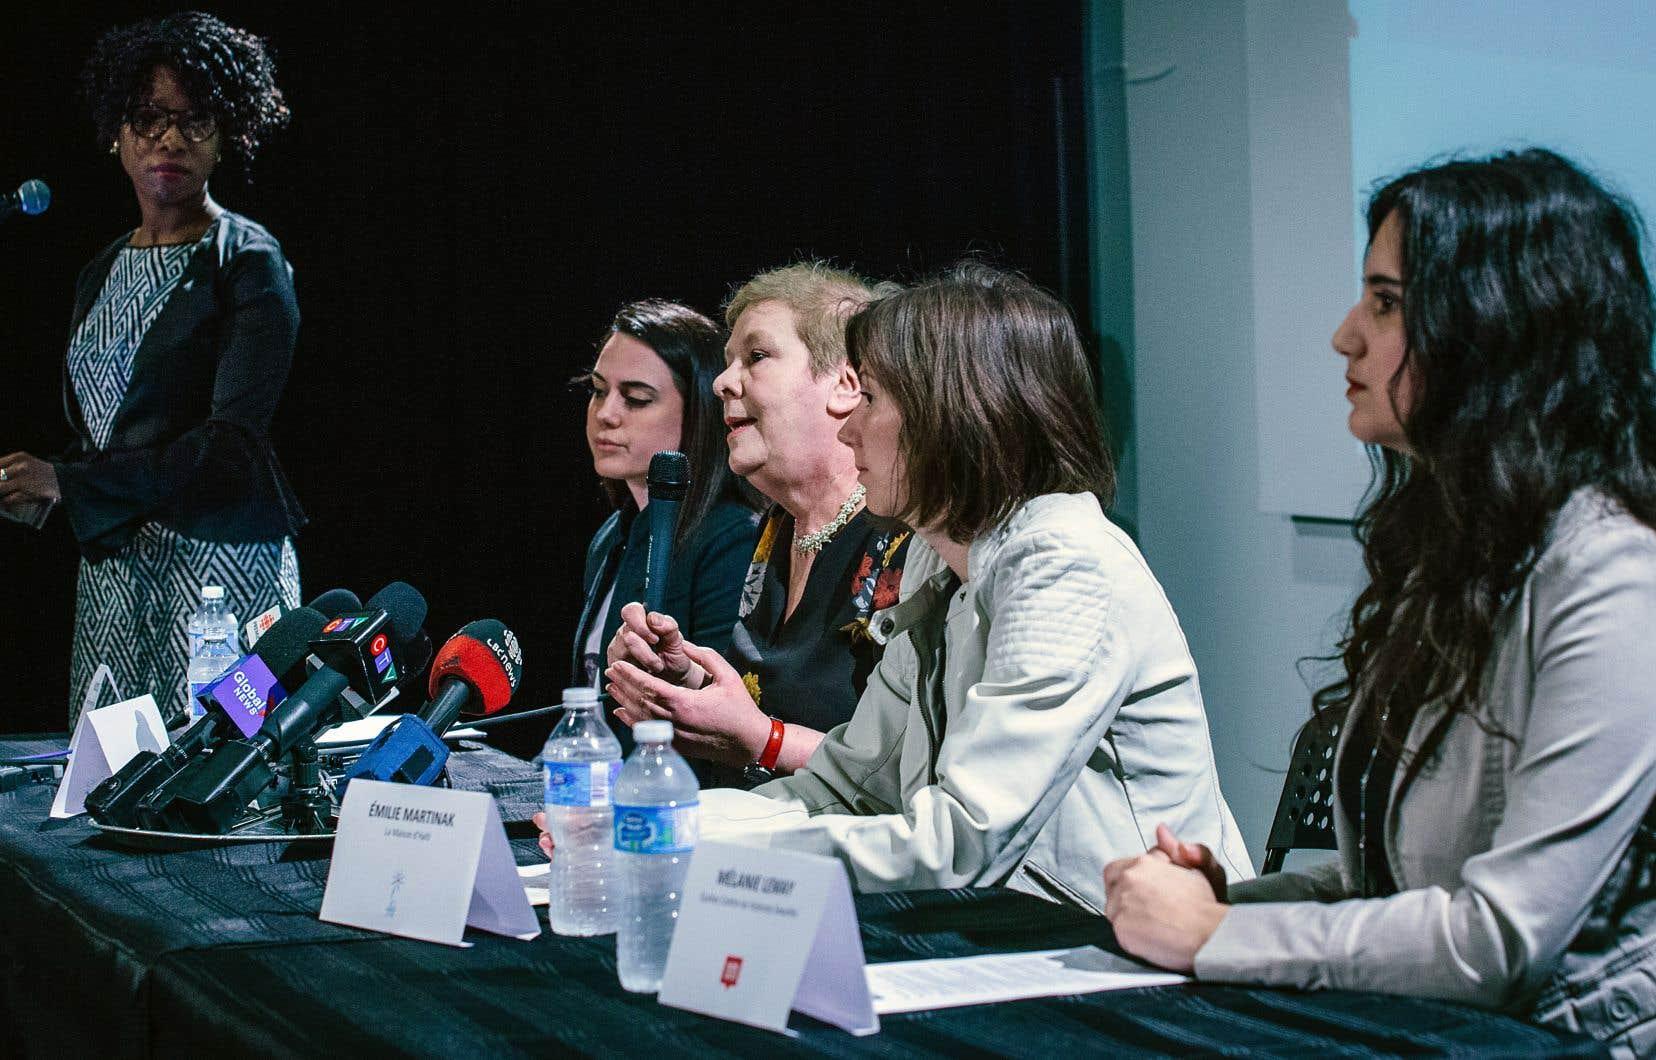 Des organismes ont parlé d'une seule voix pour réclamer du gouvernement du Québec qu'il fasse des gestes concrets pour contrer le harcèlement et les agressions sexuelles dans les écoles primaires et secondaires. Sur la photo, les représentantes de cette coalition: Dorothy Alexandre, Vicky Zois, Lilia Goldfarb, Émilie Martinak, Mélanie Lemay.